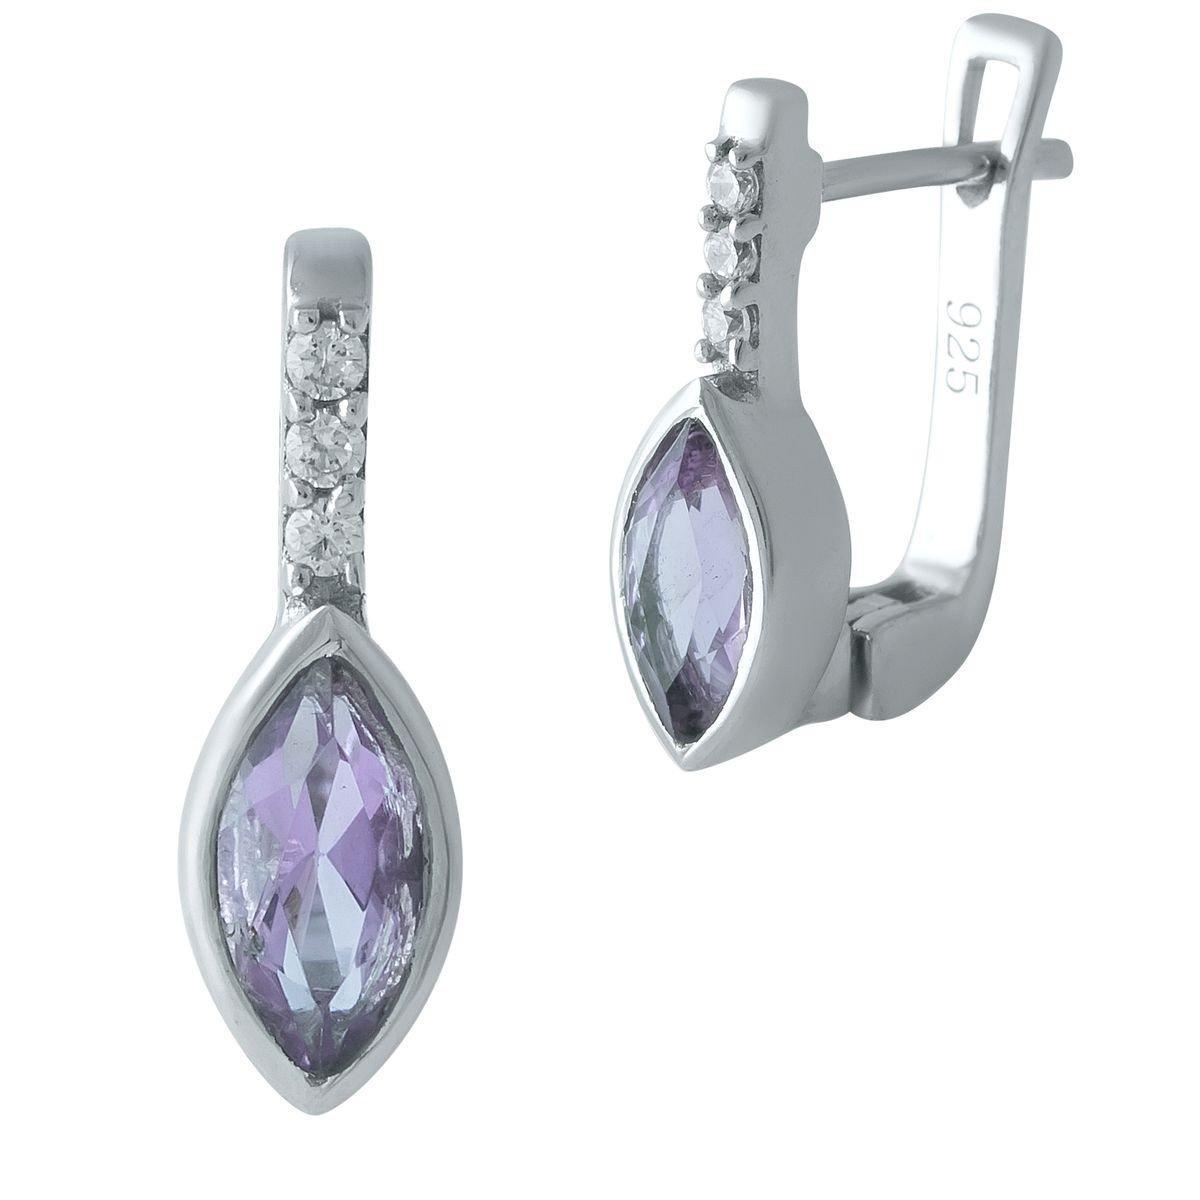 Серебряные серьги DreamJewelry с натуральным аметистом (1969700)